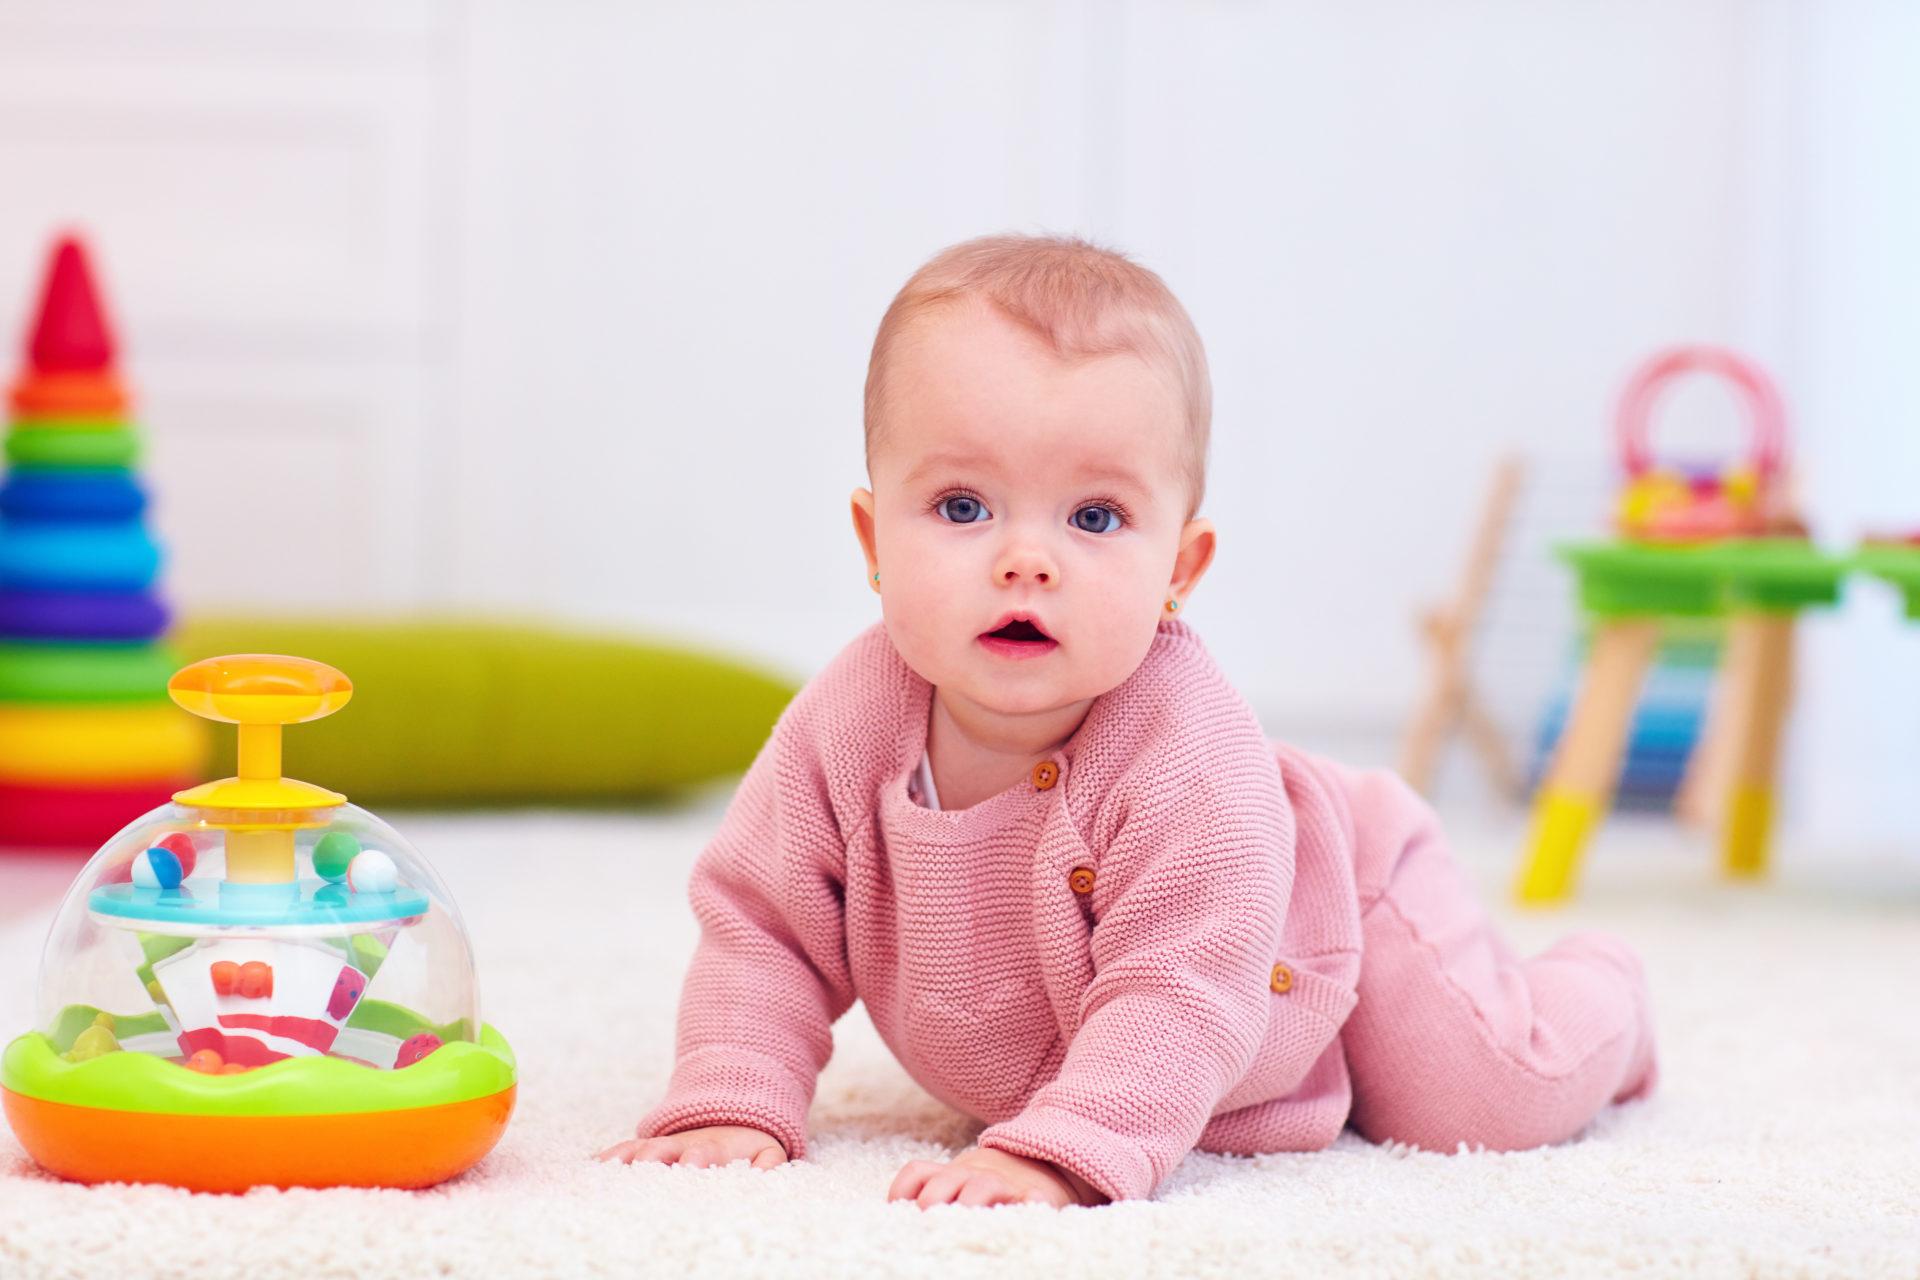 Cadeau Fille Jouet Bébé De 6 Mois, 9 Mois Et 12 Mois : Idées destiné Jeux D Eveil Bébé 2 Mois